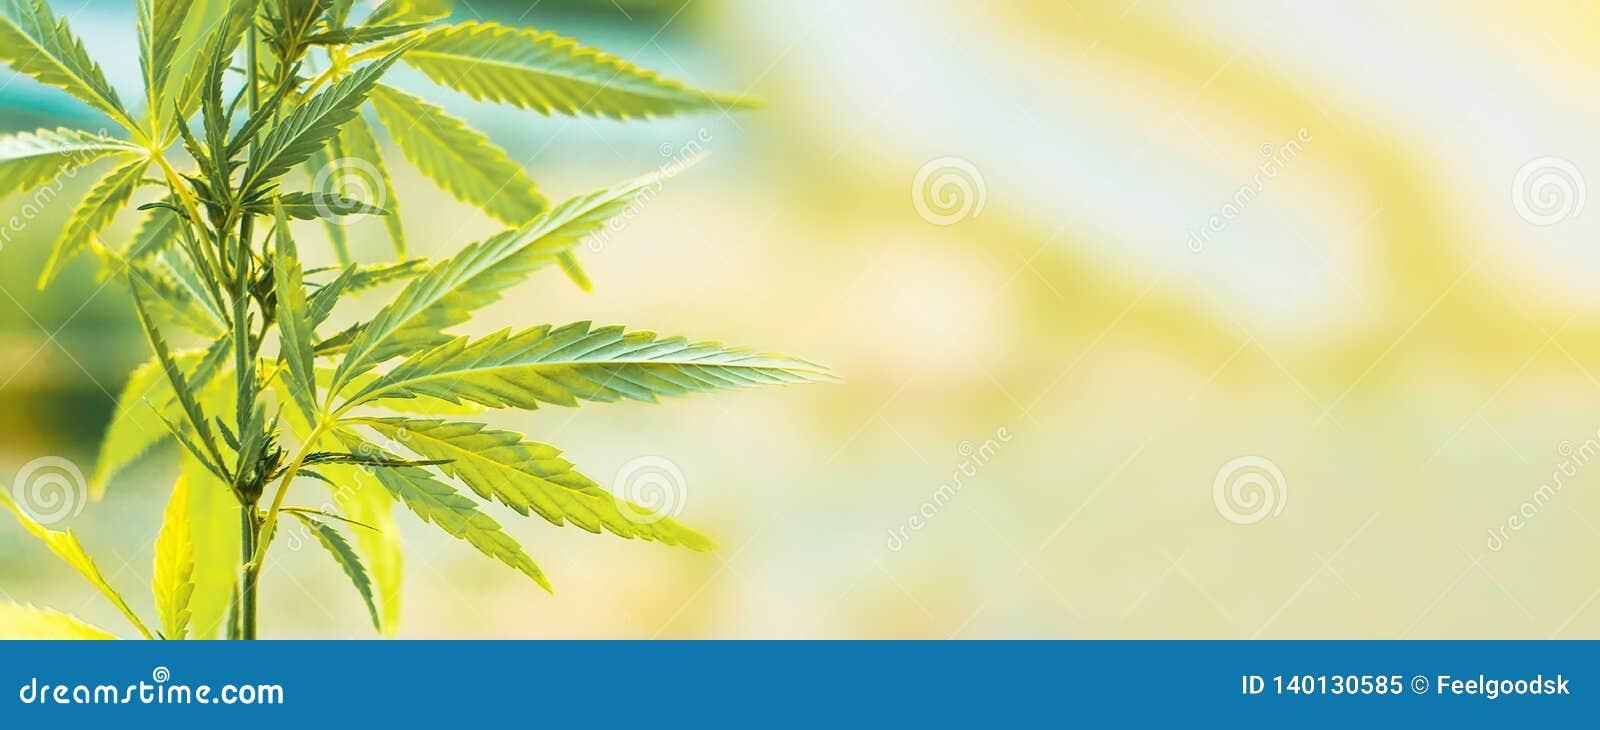 Commerciële de cannabis groeit Concept kruiden alternatieve geneeskunde, CBD-olie